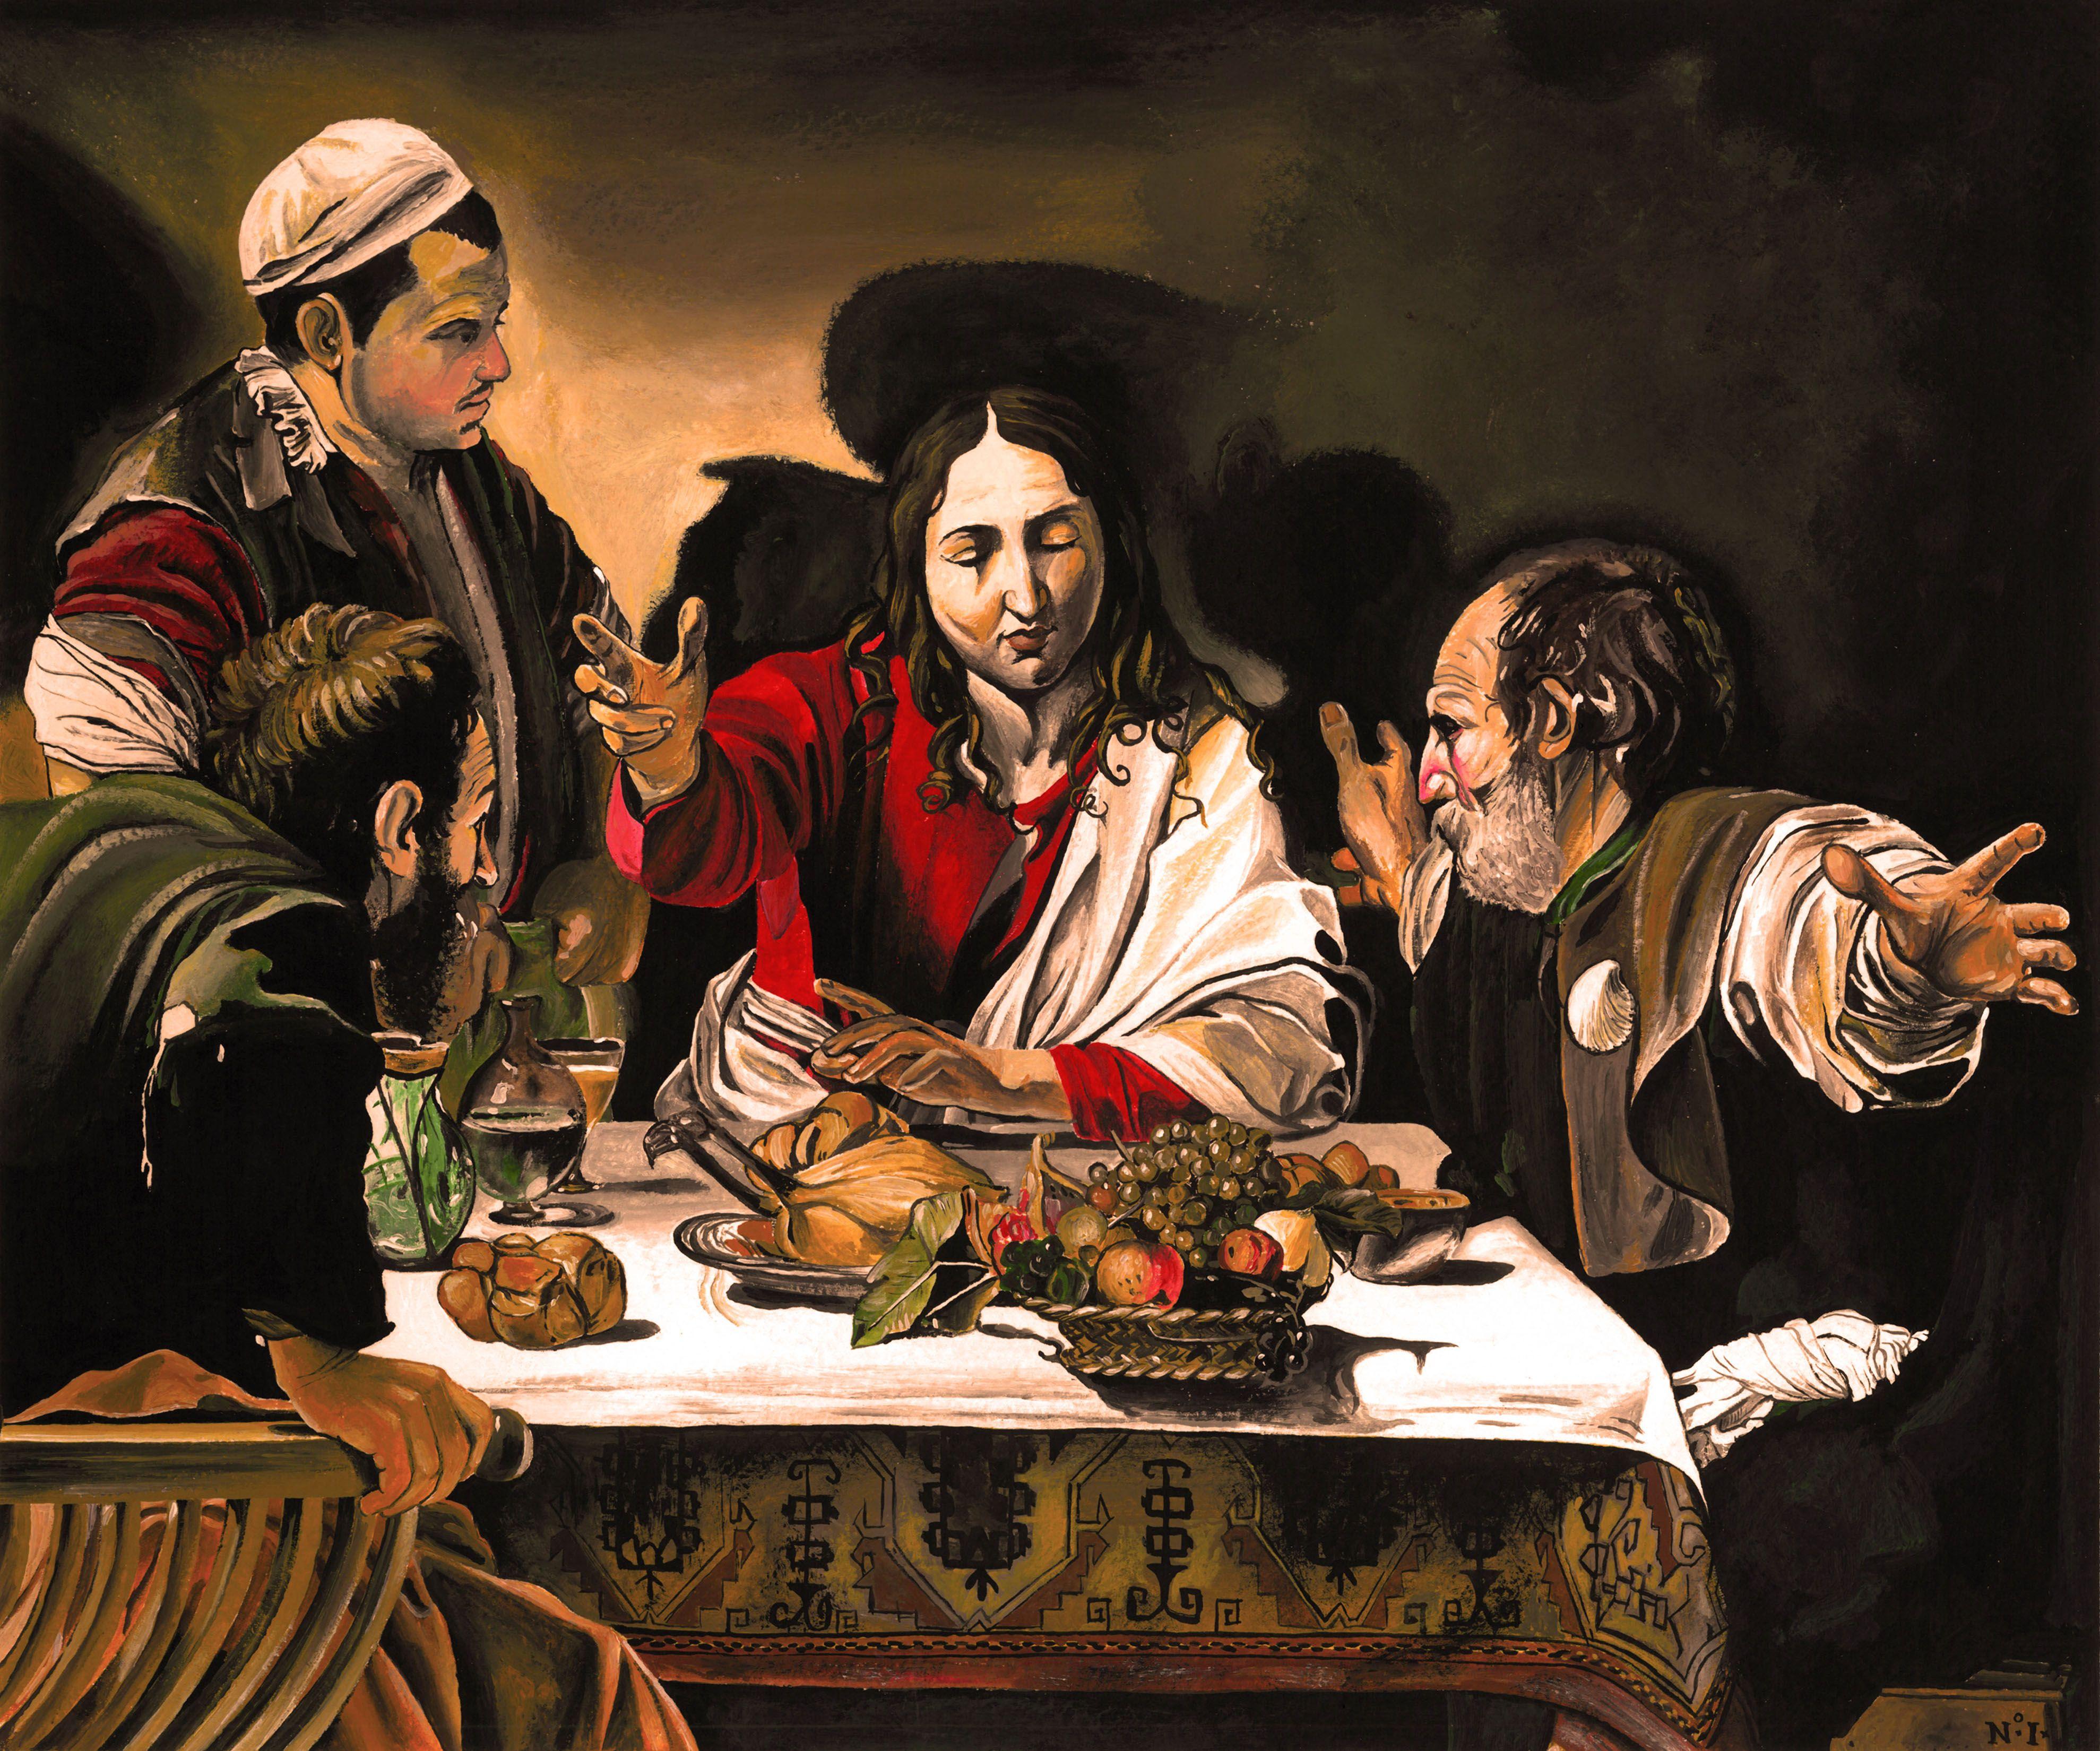 More Caravaggio Pictures